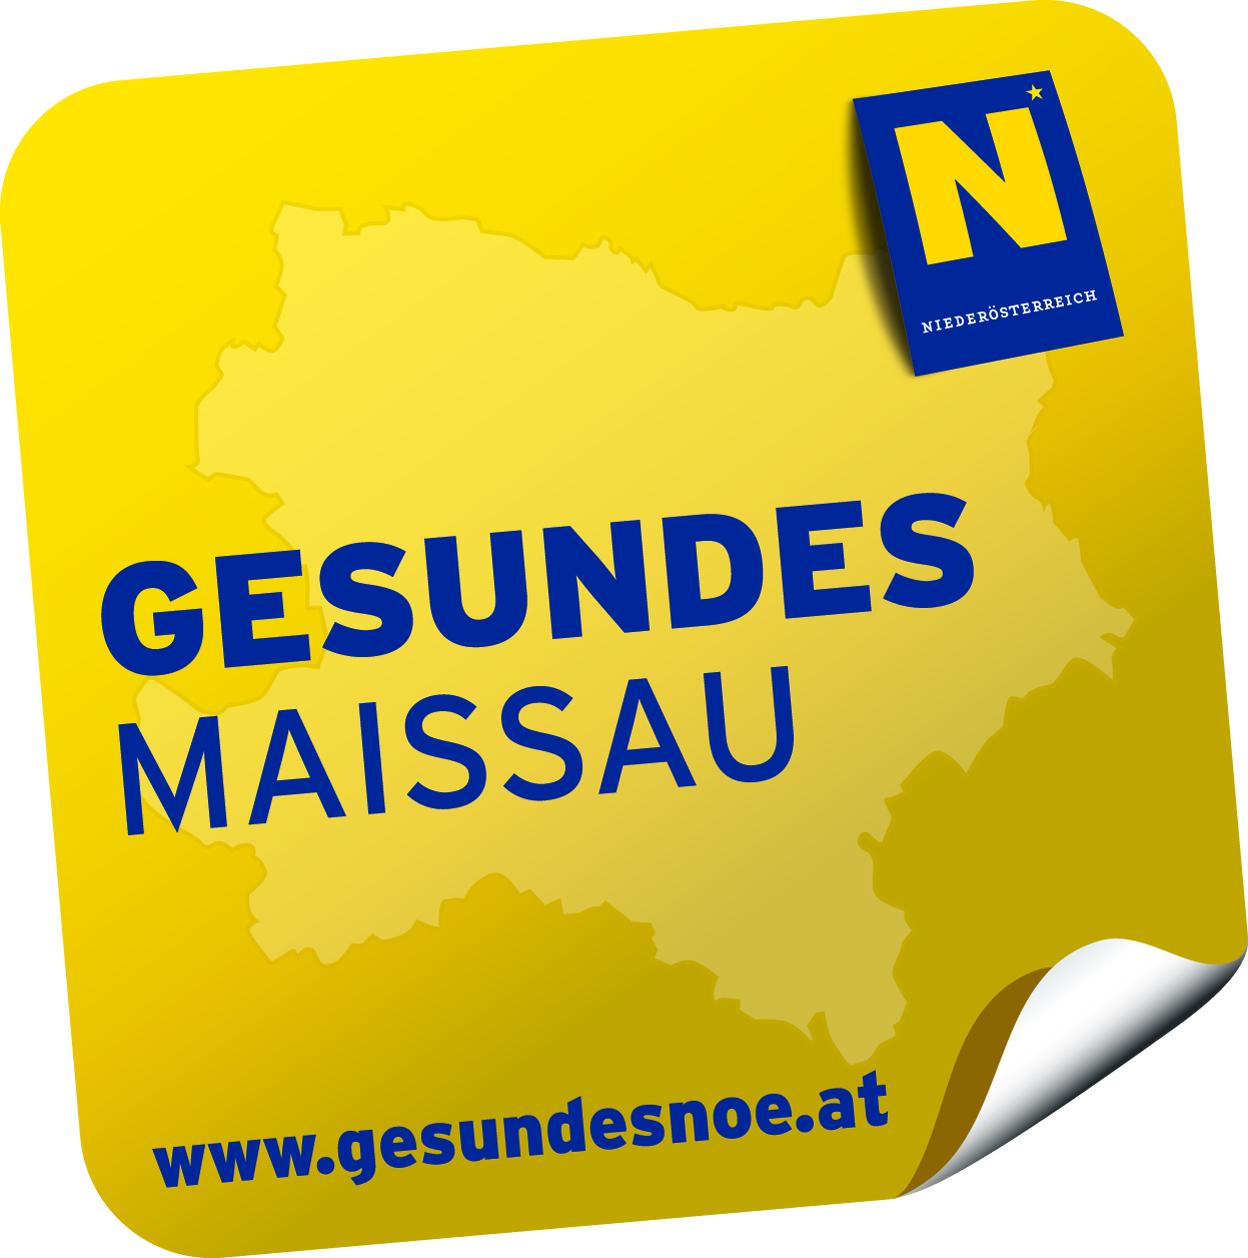 Logo Gesundes Maissau, Niederösterreich